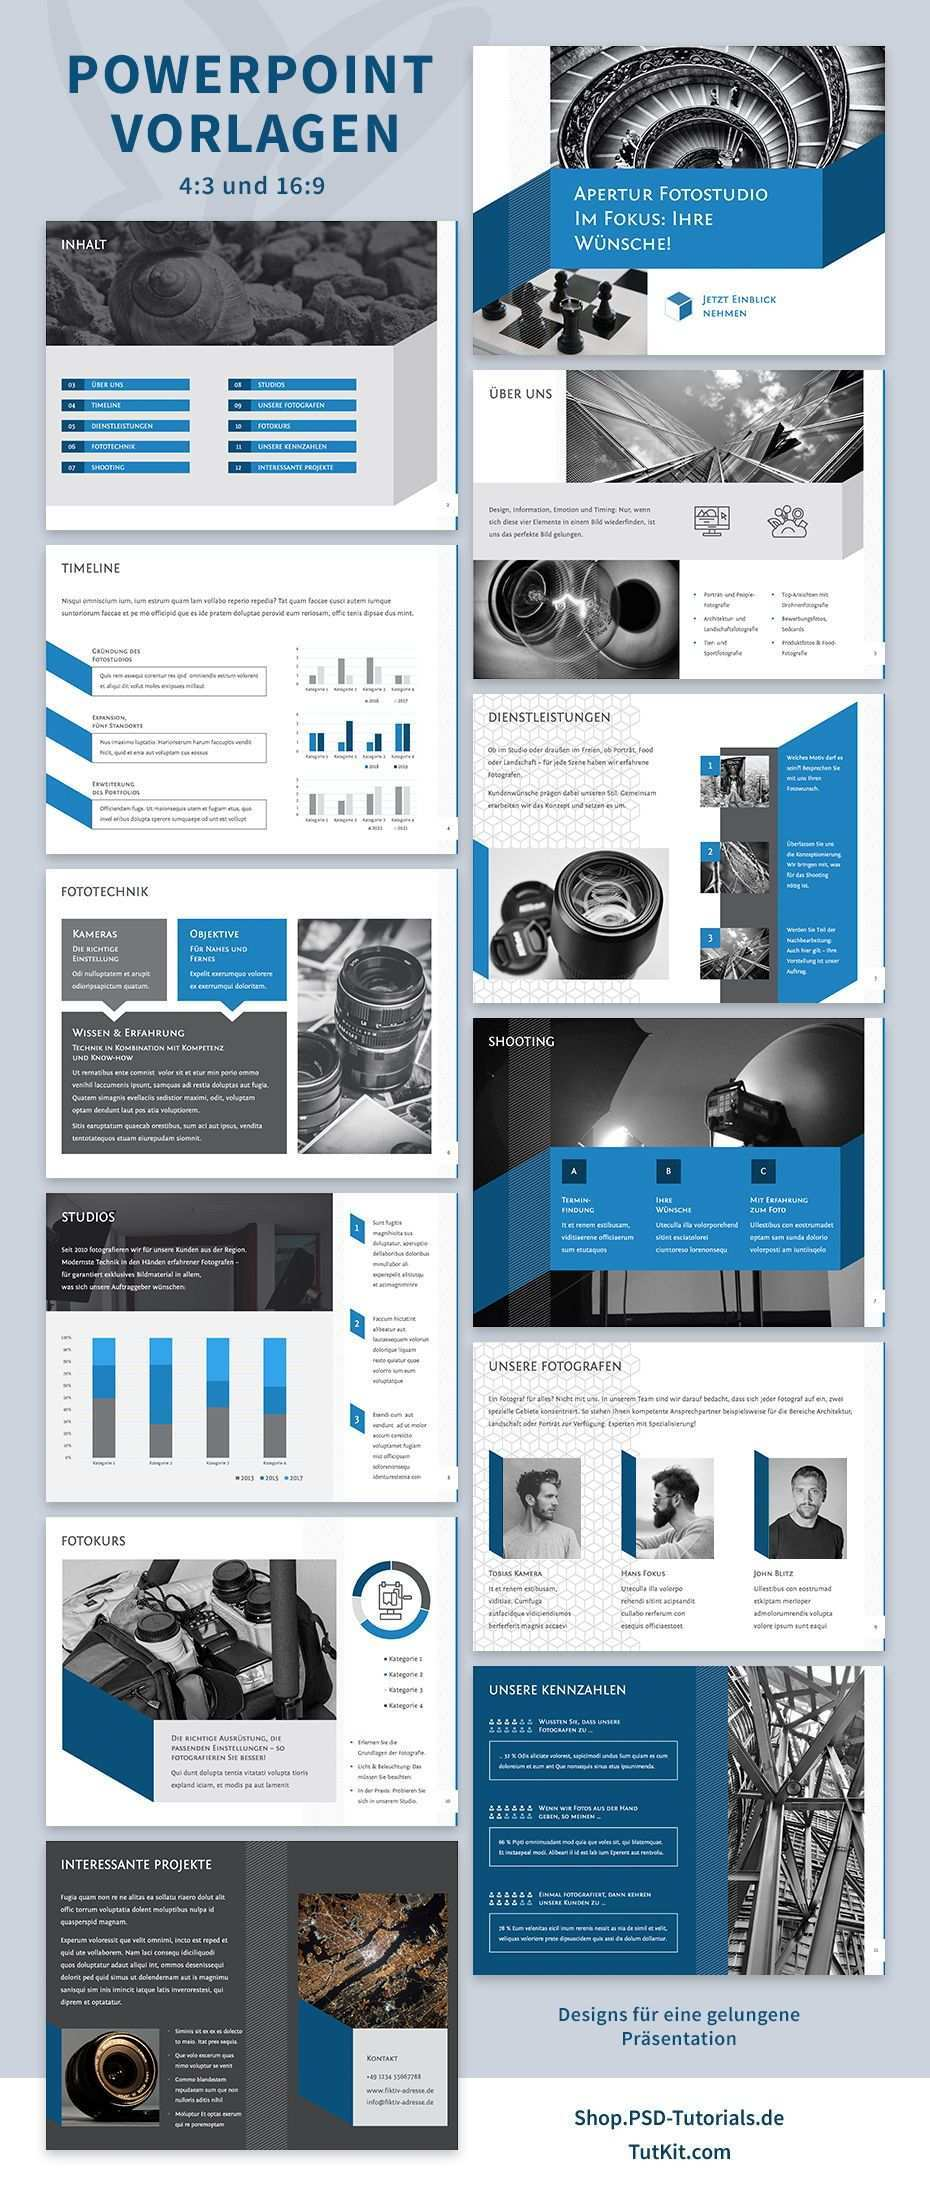 Prasentationsvorlagen Fur Powerpoint Layouts Fur Designstarke Folien Power Point Vorlagen Powerpoint Folien